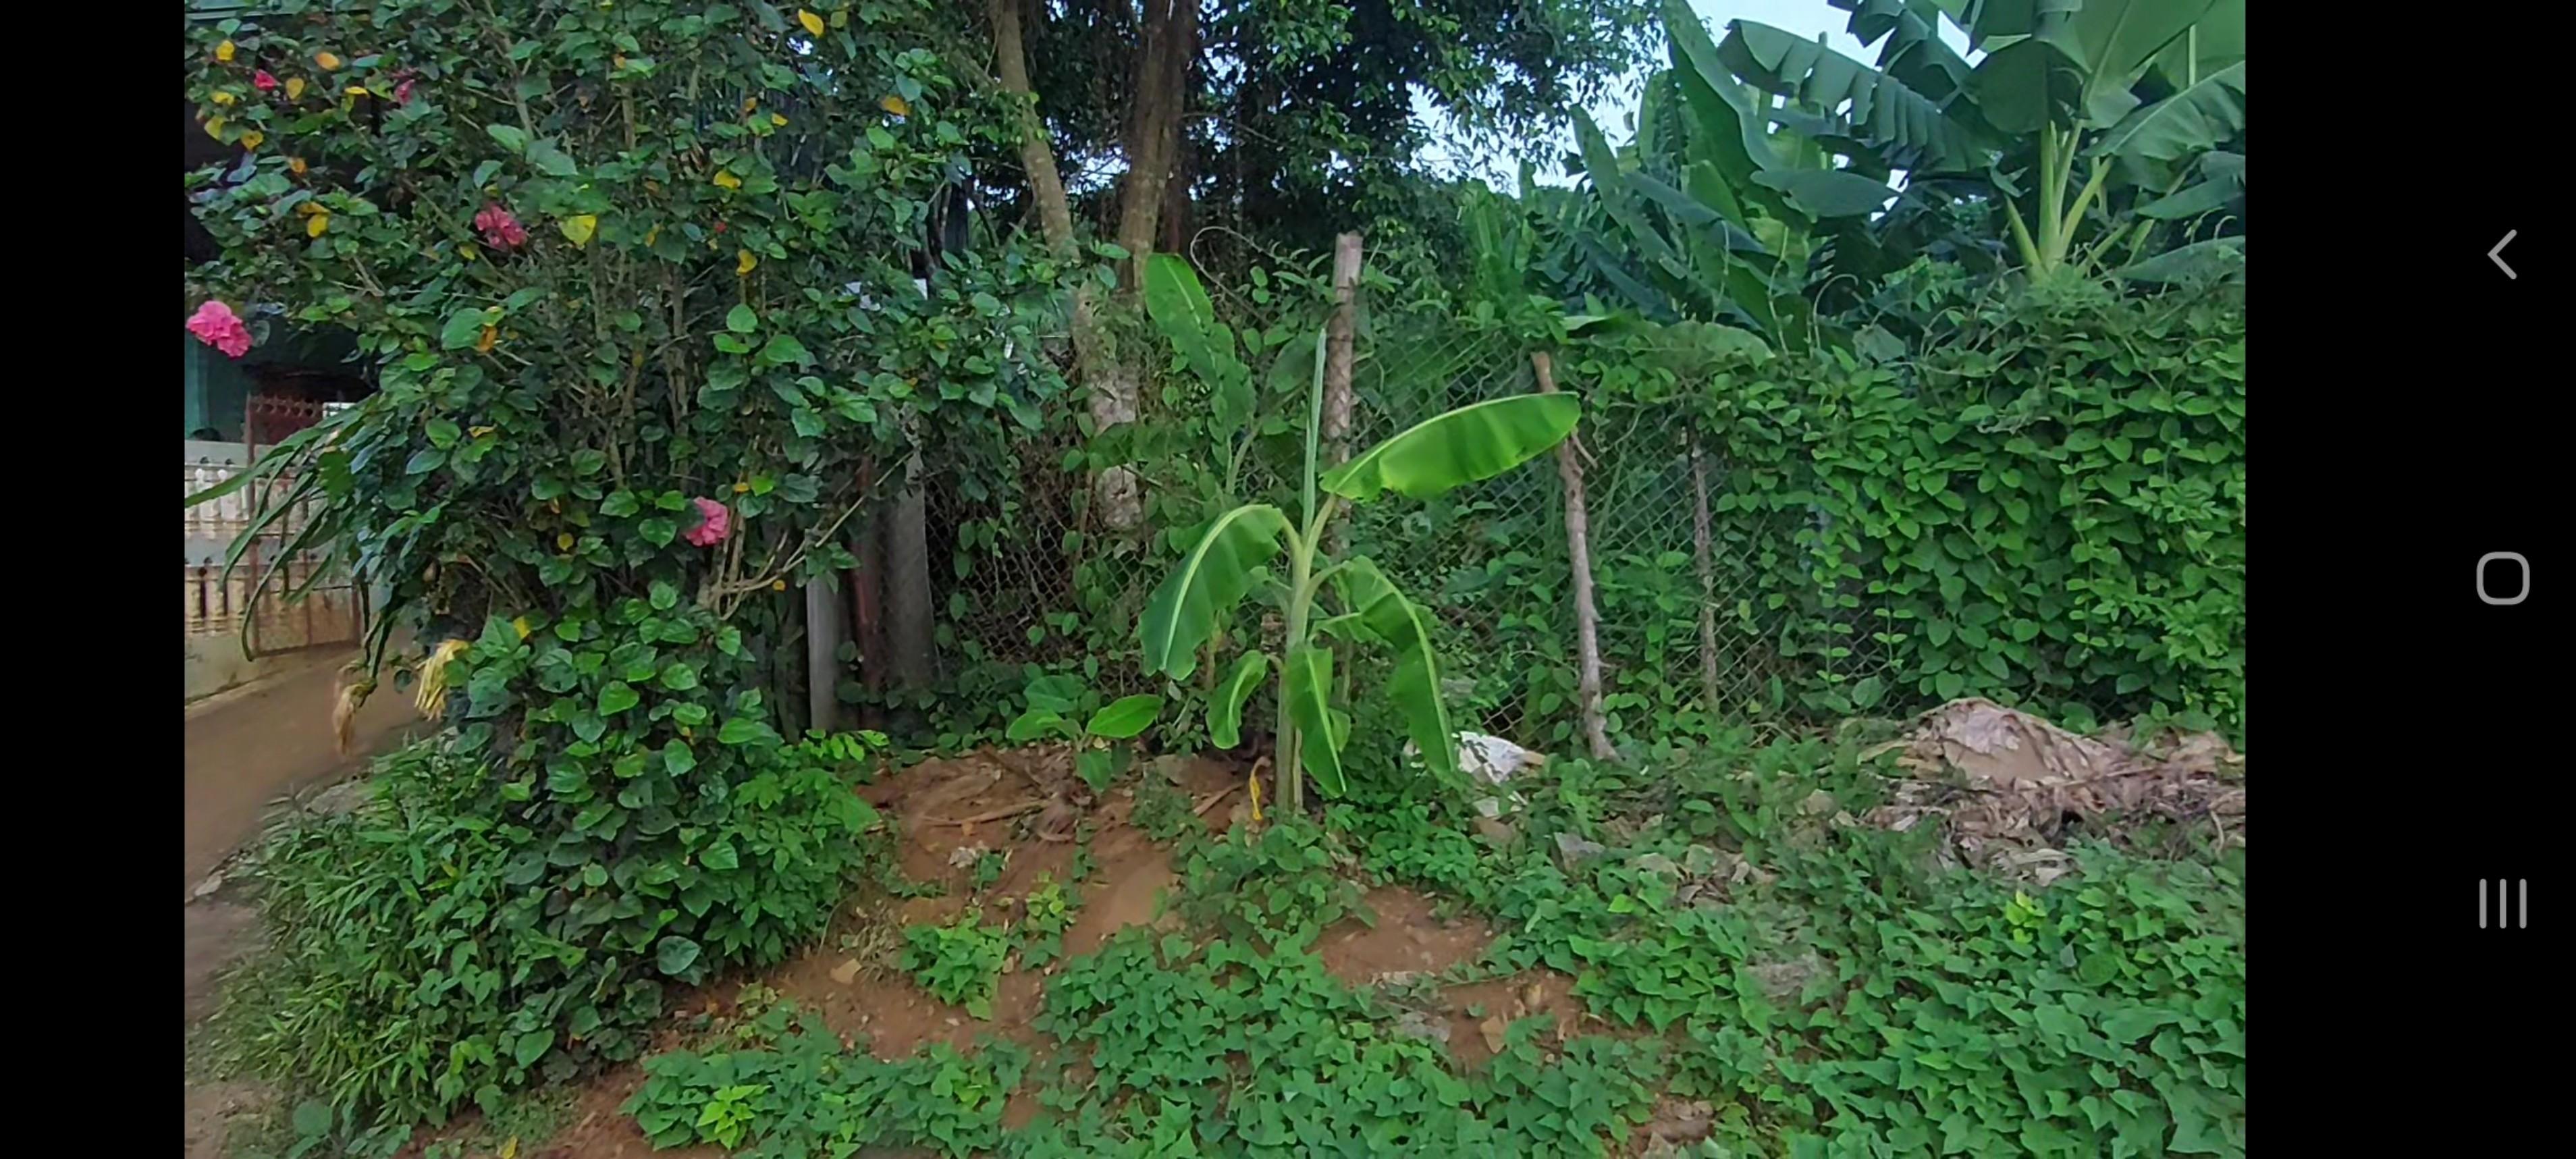 Cần bán Đất đường Quốc Lộ 6, Thị trấn Cao Phong, Diện tích 486m², Giá Thương lượng - LH: 0947266511